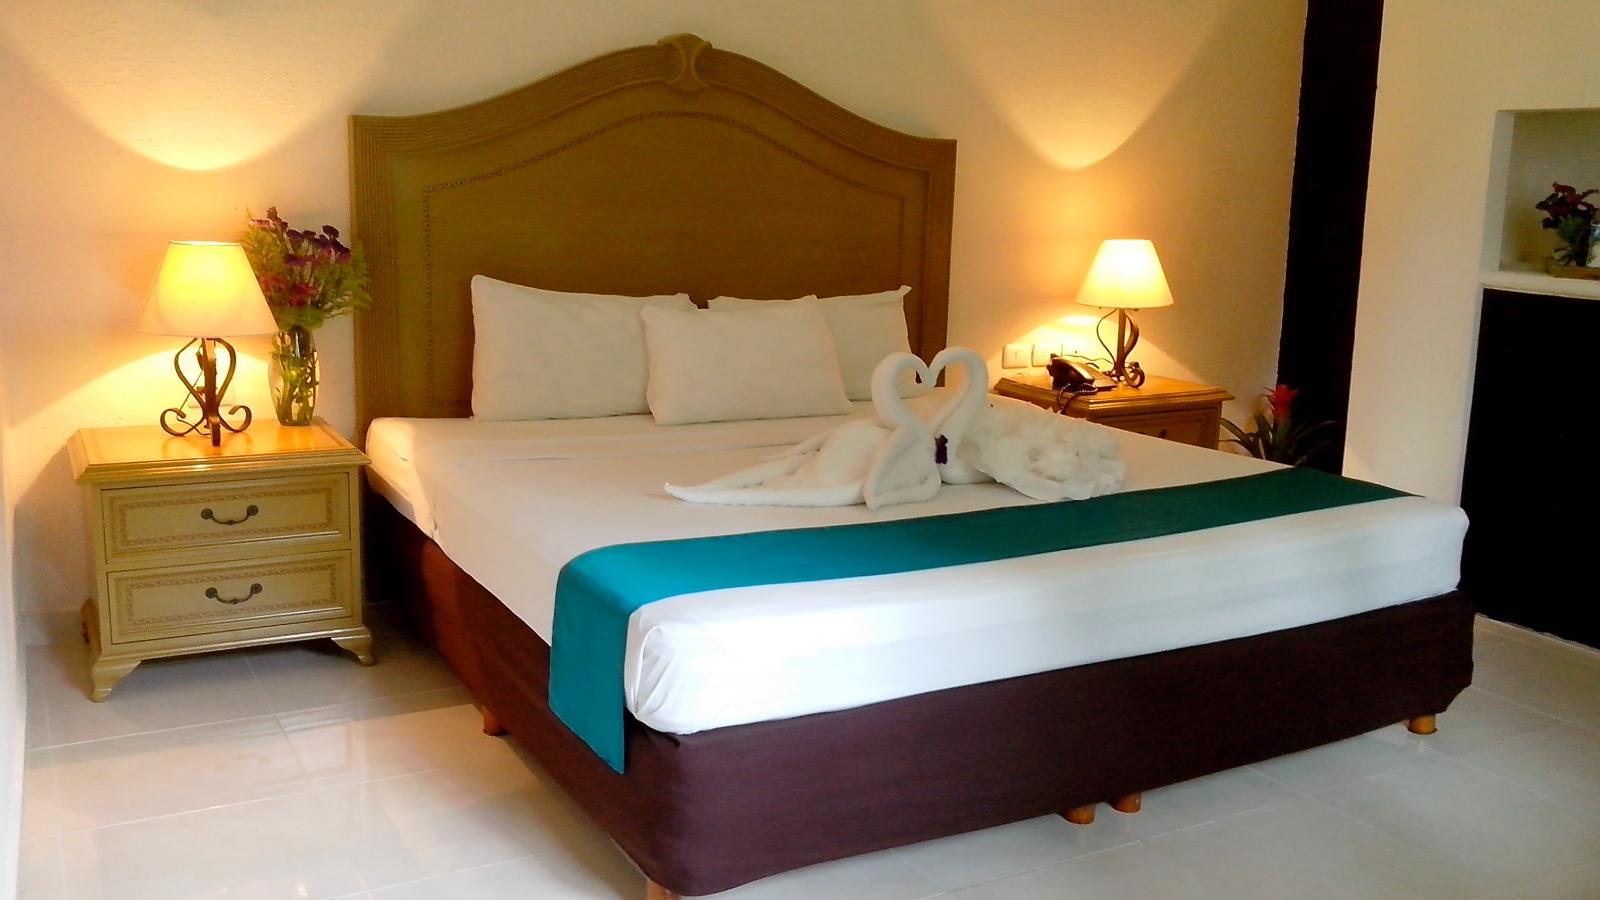 Estandar - 1 cama Matrimonial